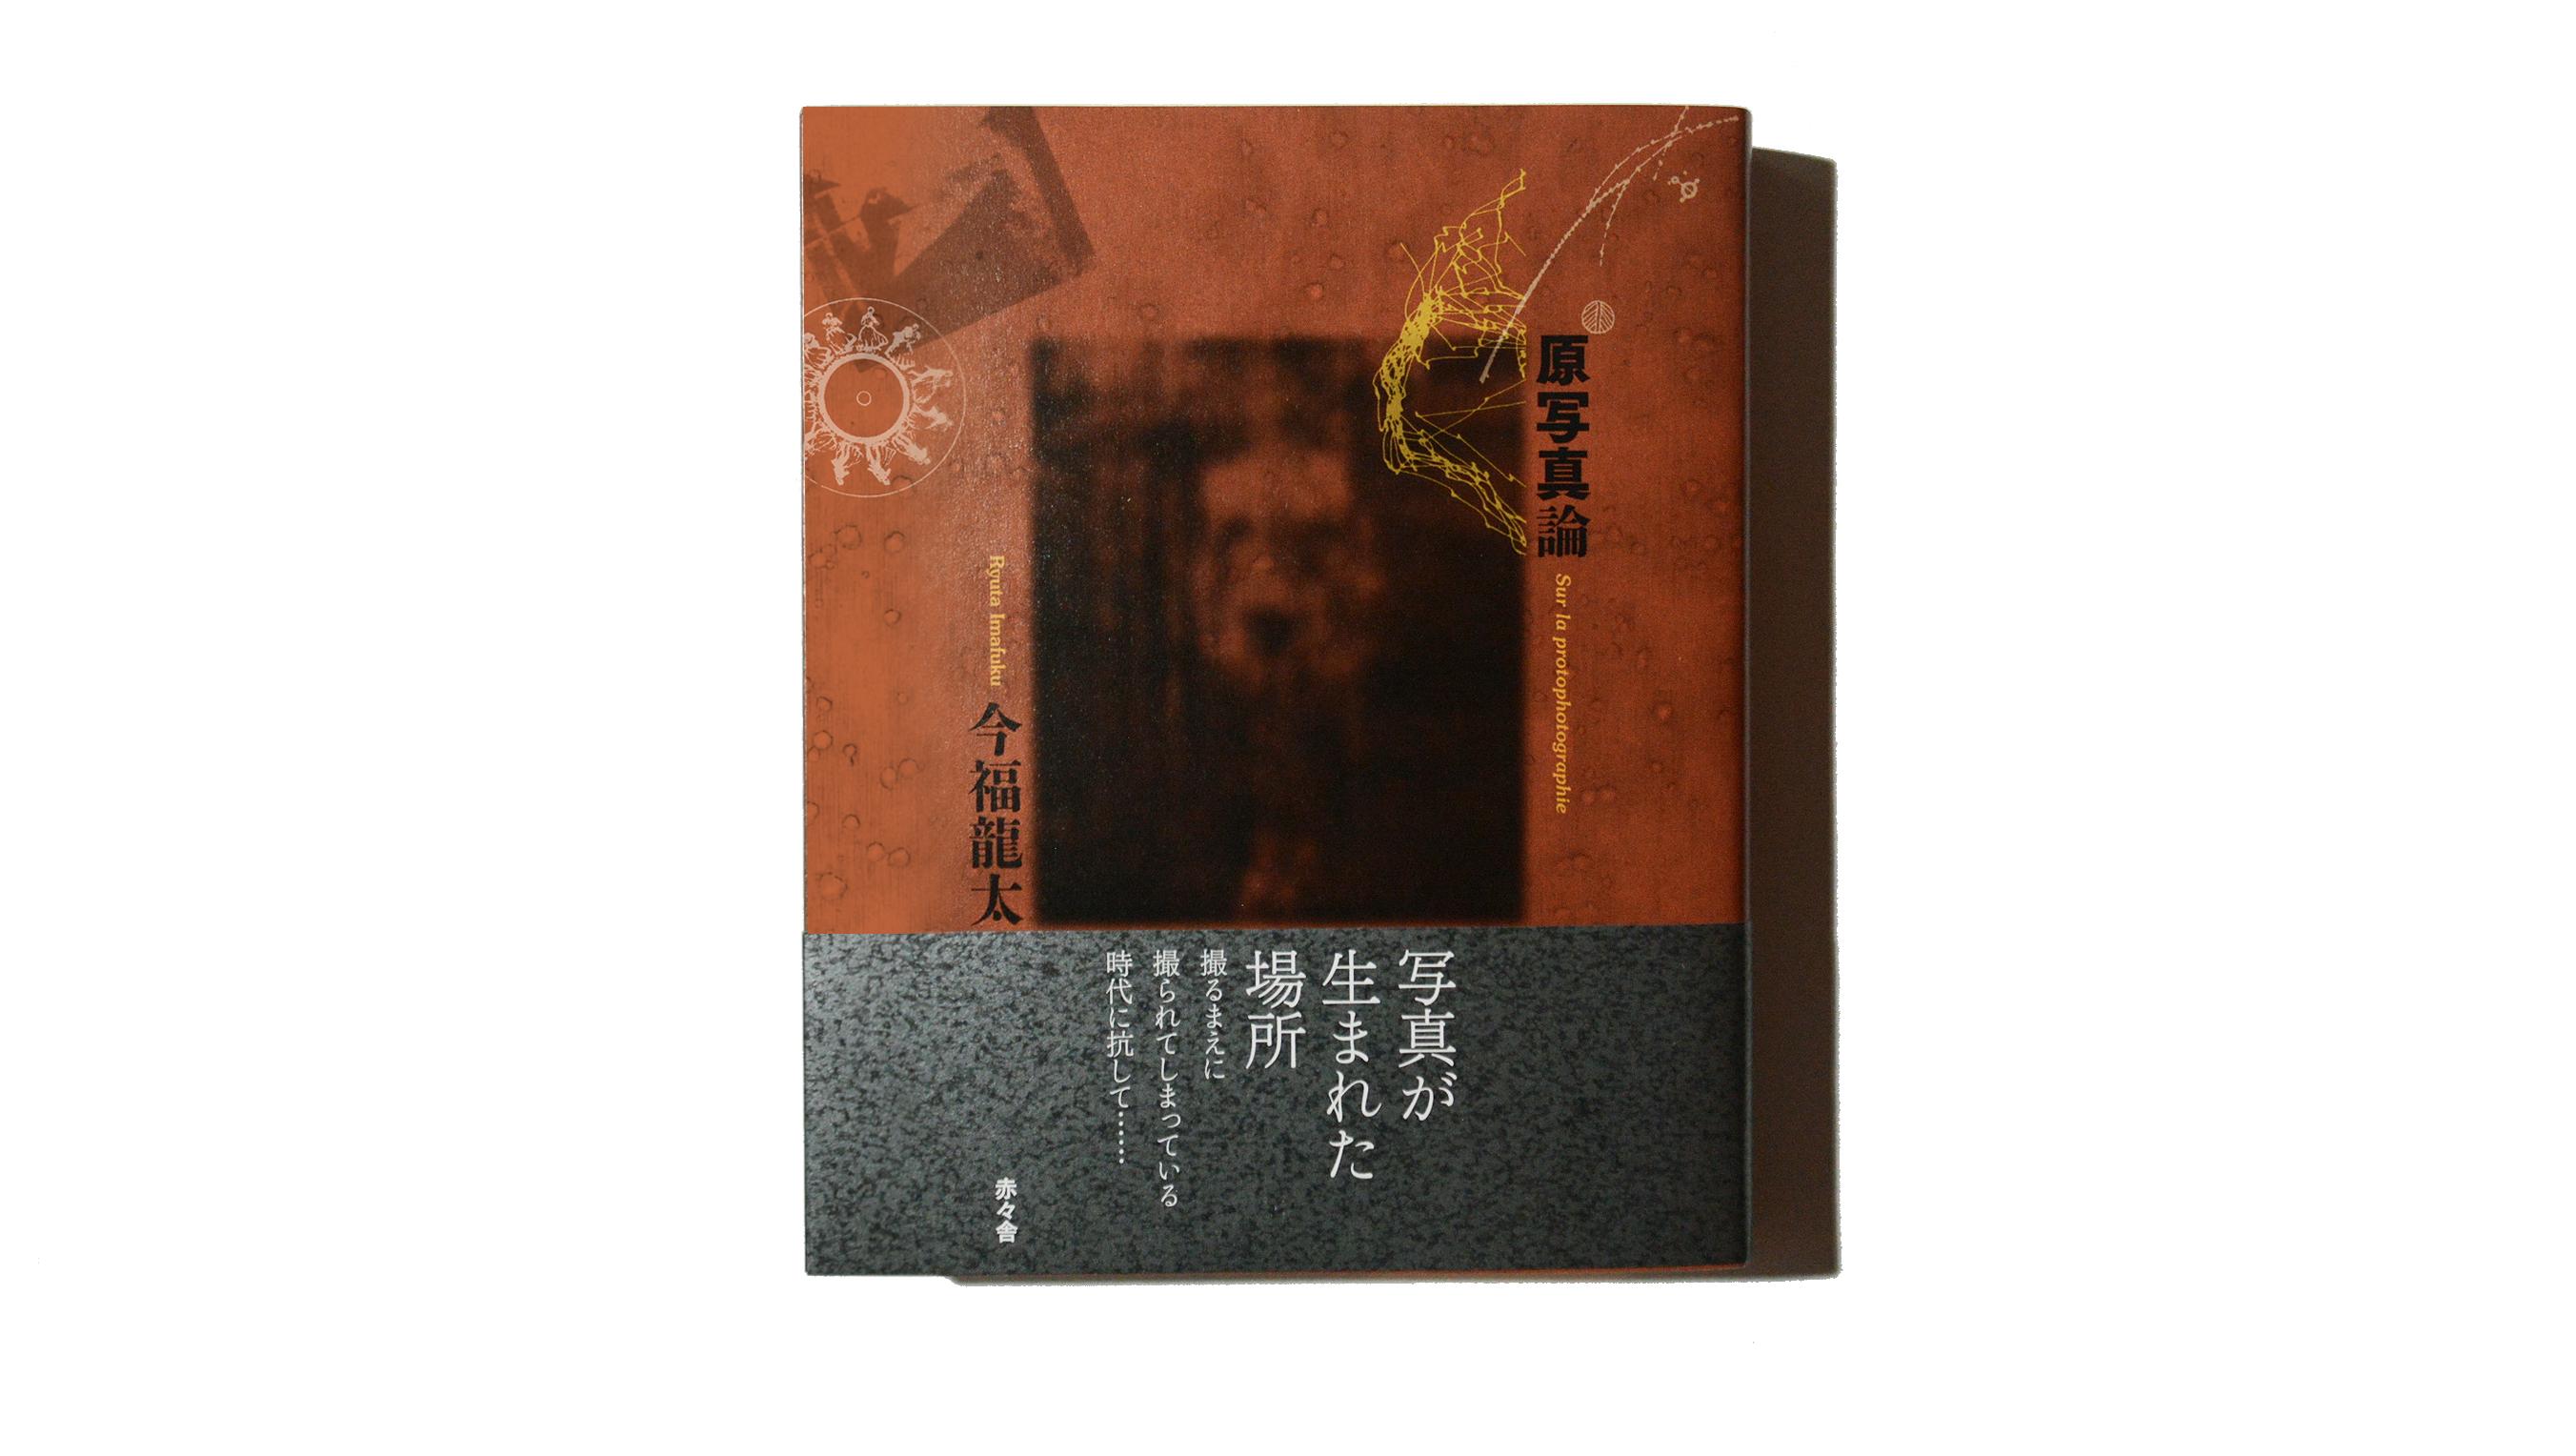 原写真論cover.jpg